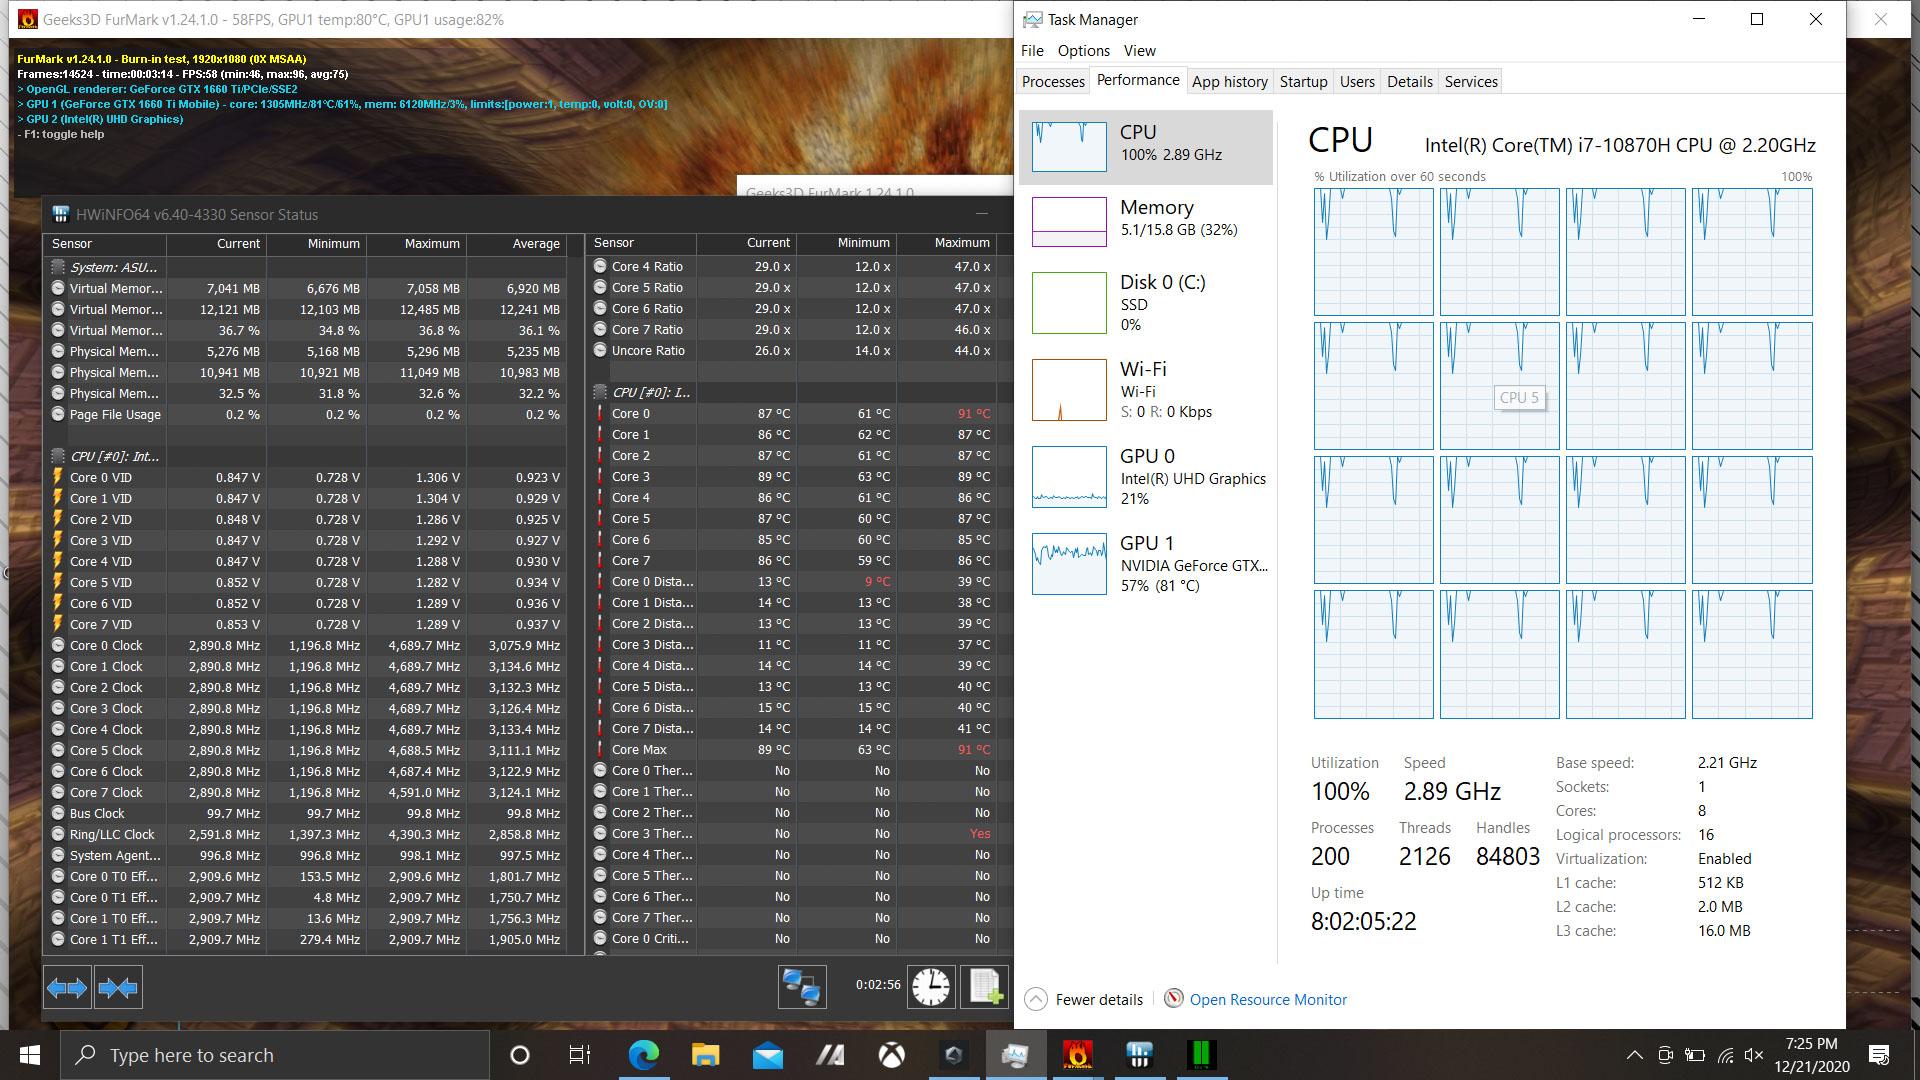 screenshot-7-jpg.12284